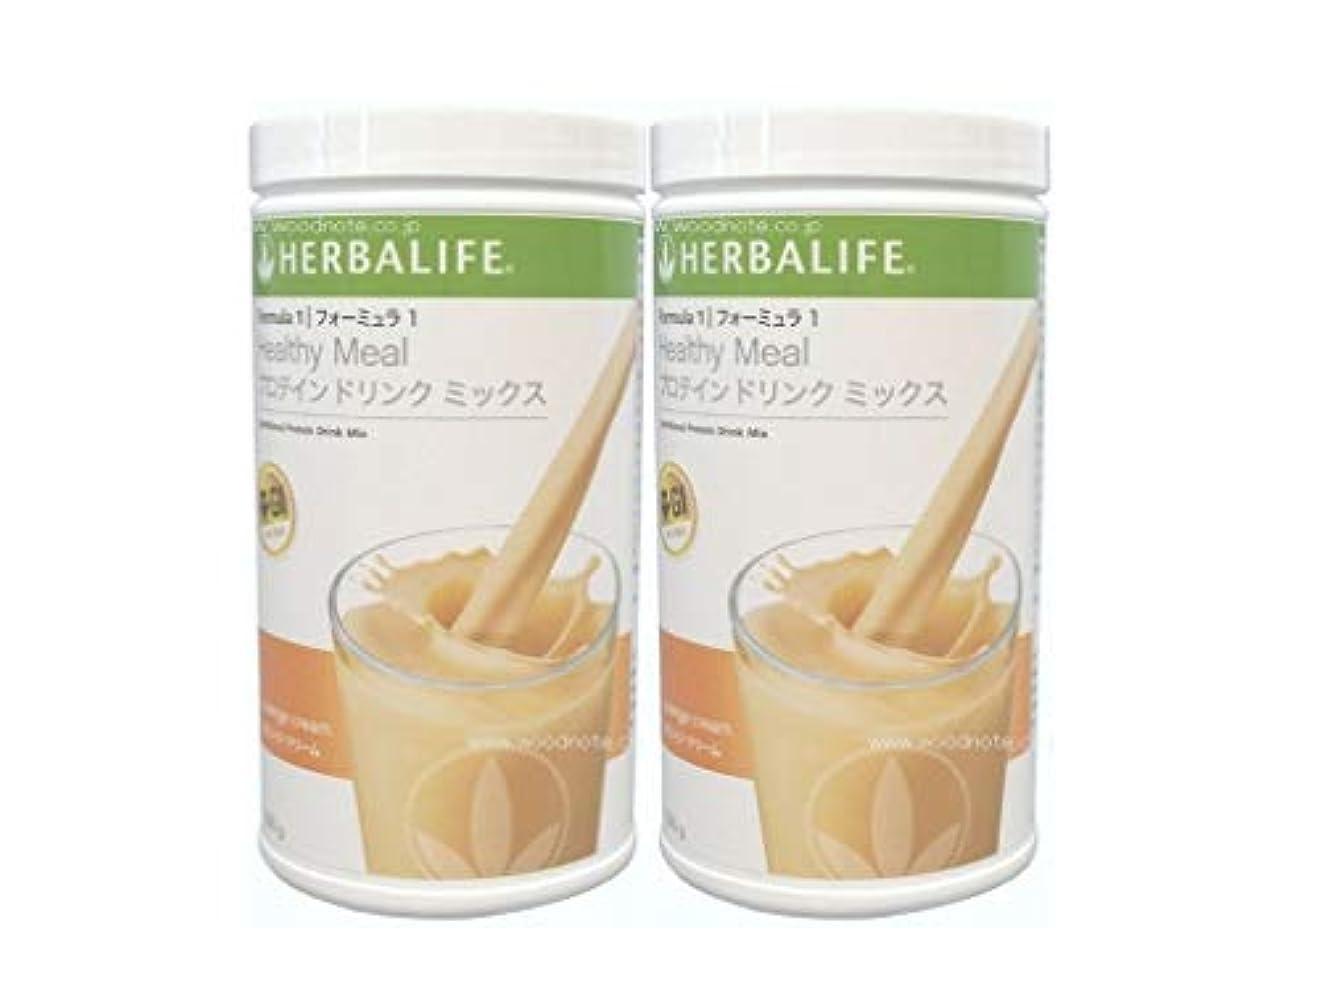 ハーバライフ フォーミュラ1プロテインドリンクミックス- オレンジクリーム味 2本セット